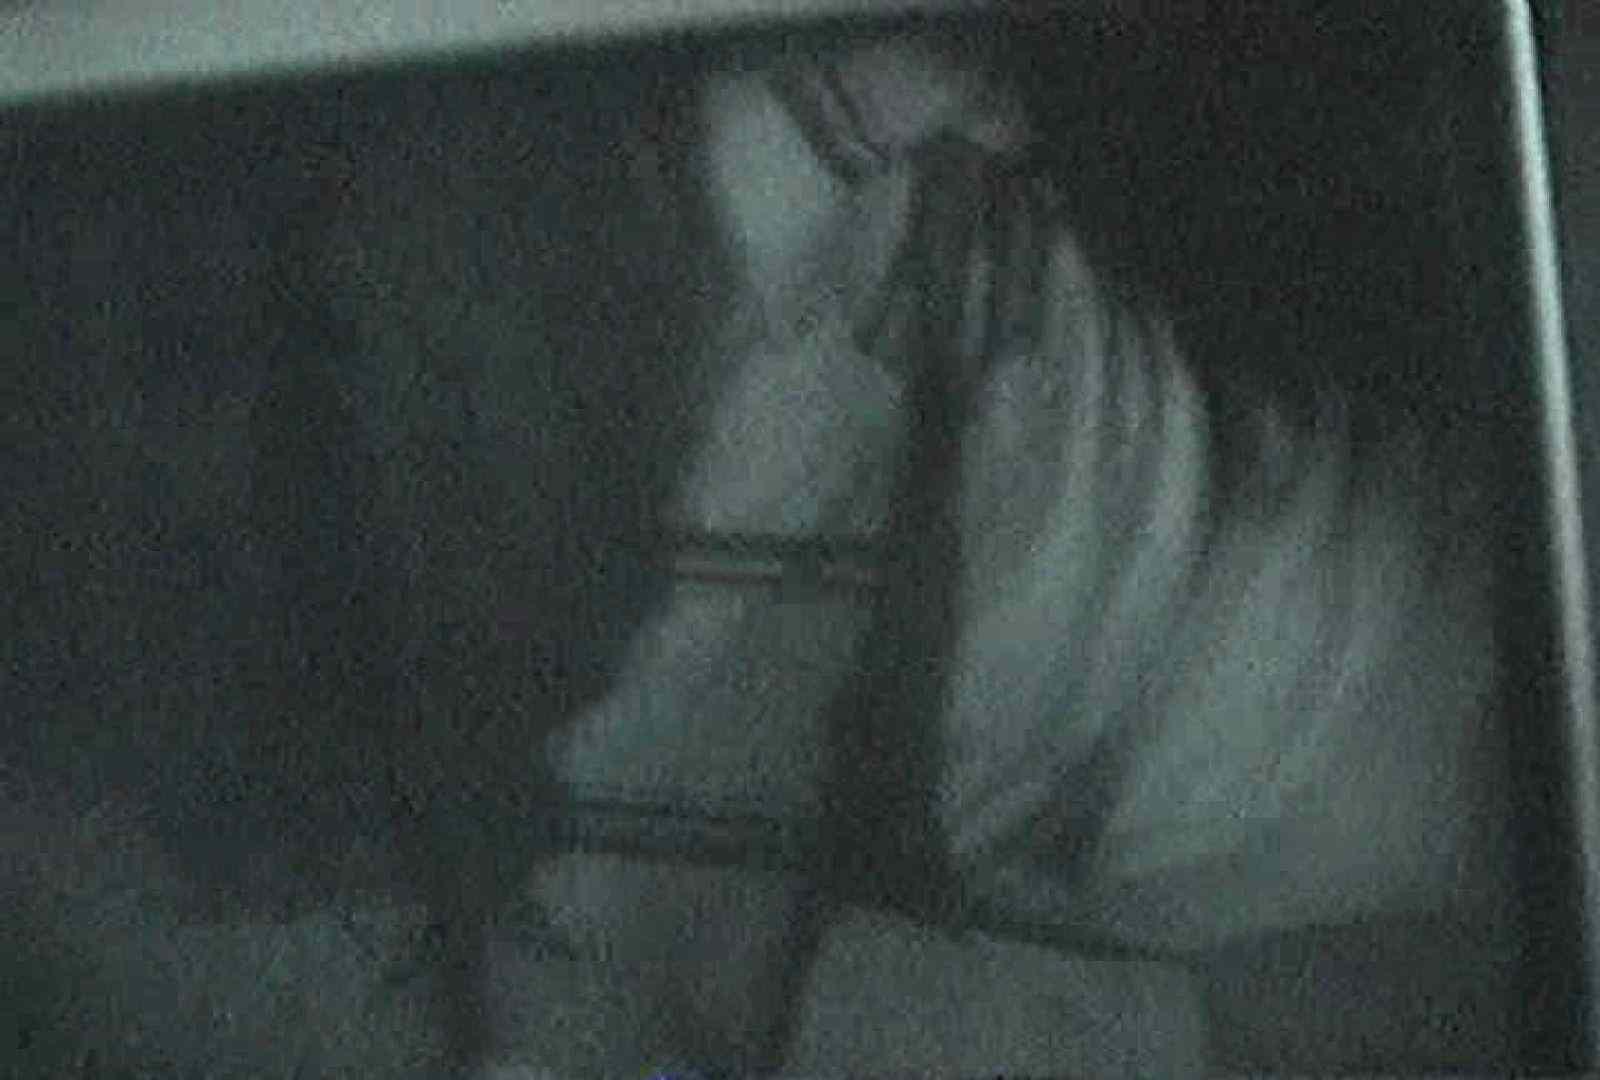 充血監督の深夜の運動会Vol.53 おまんこ セックス画像 97pic 19